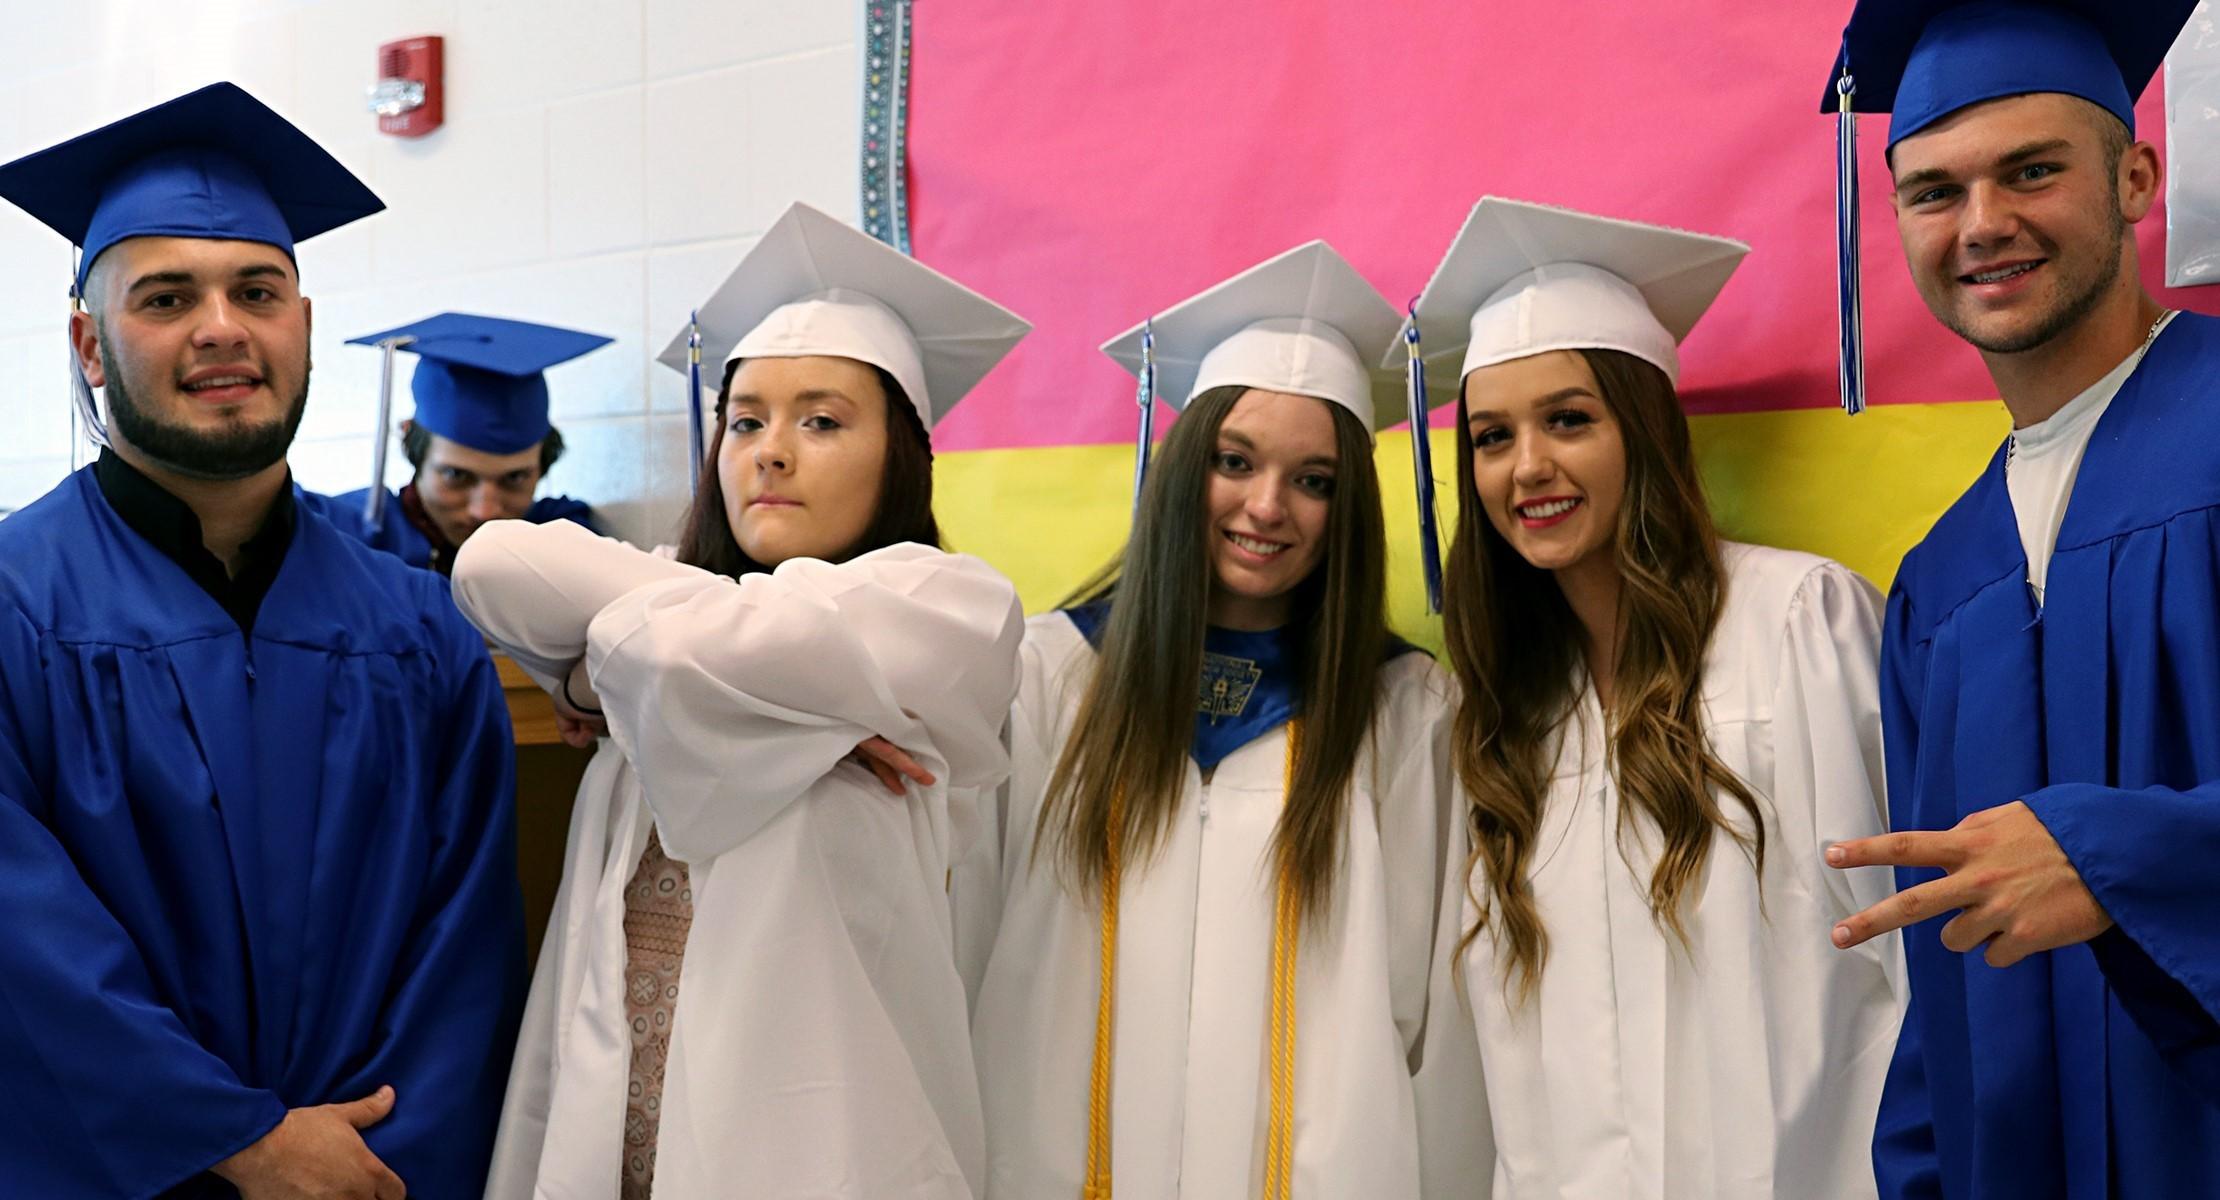 graduates smiling for camera